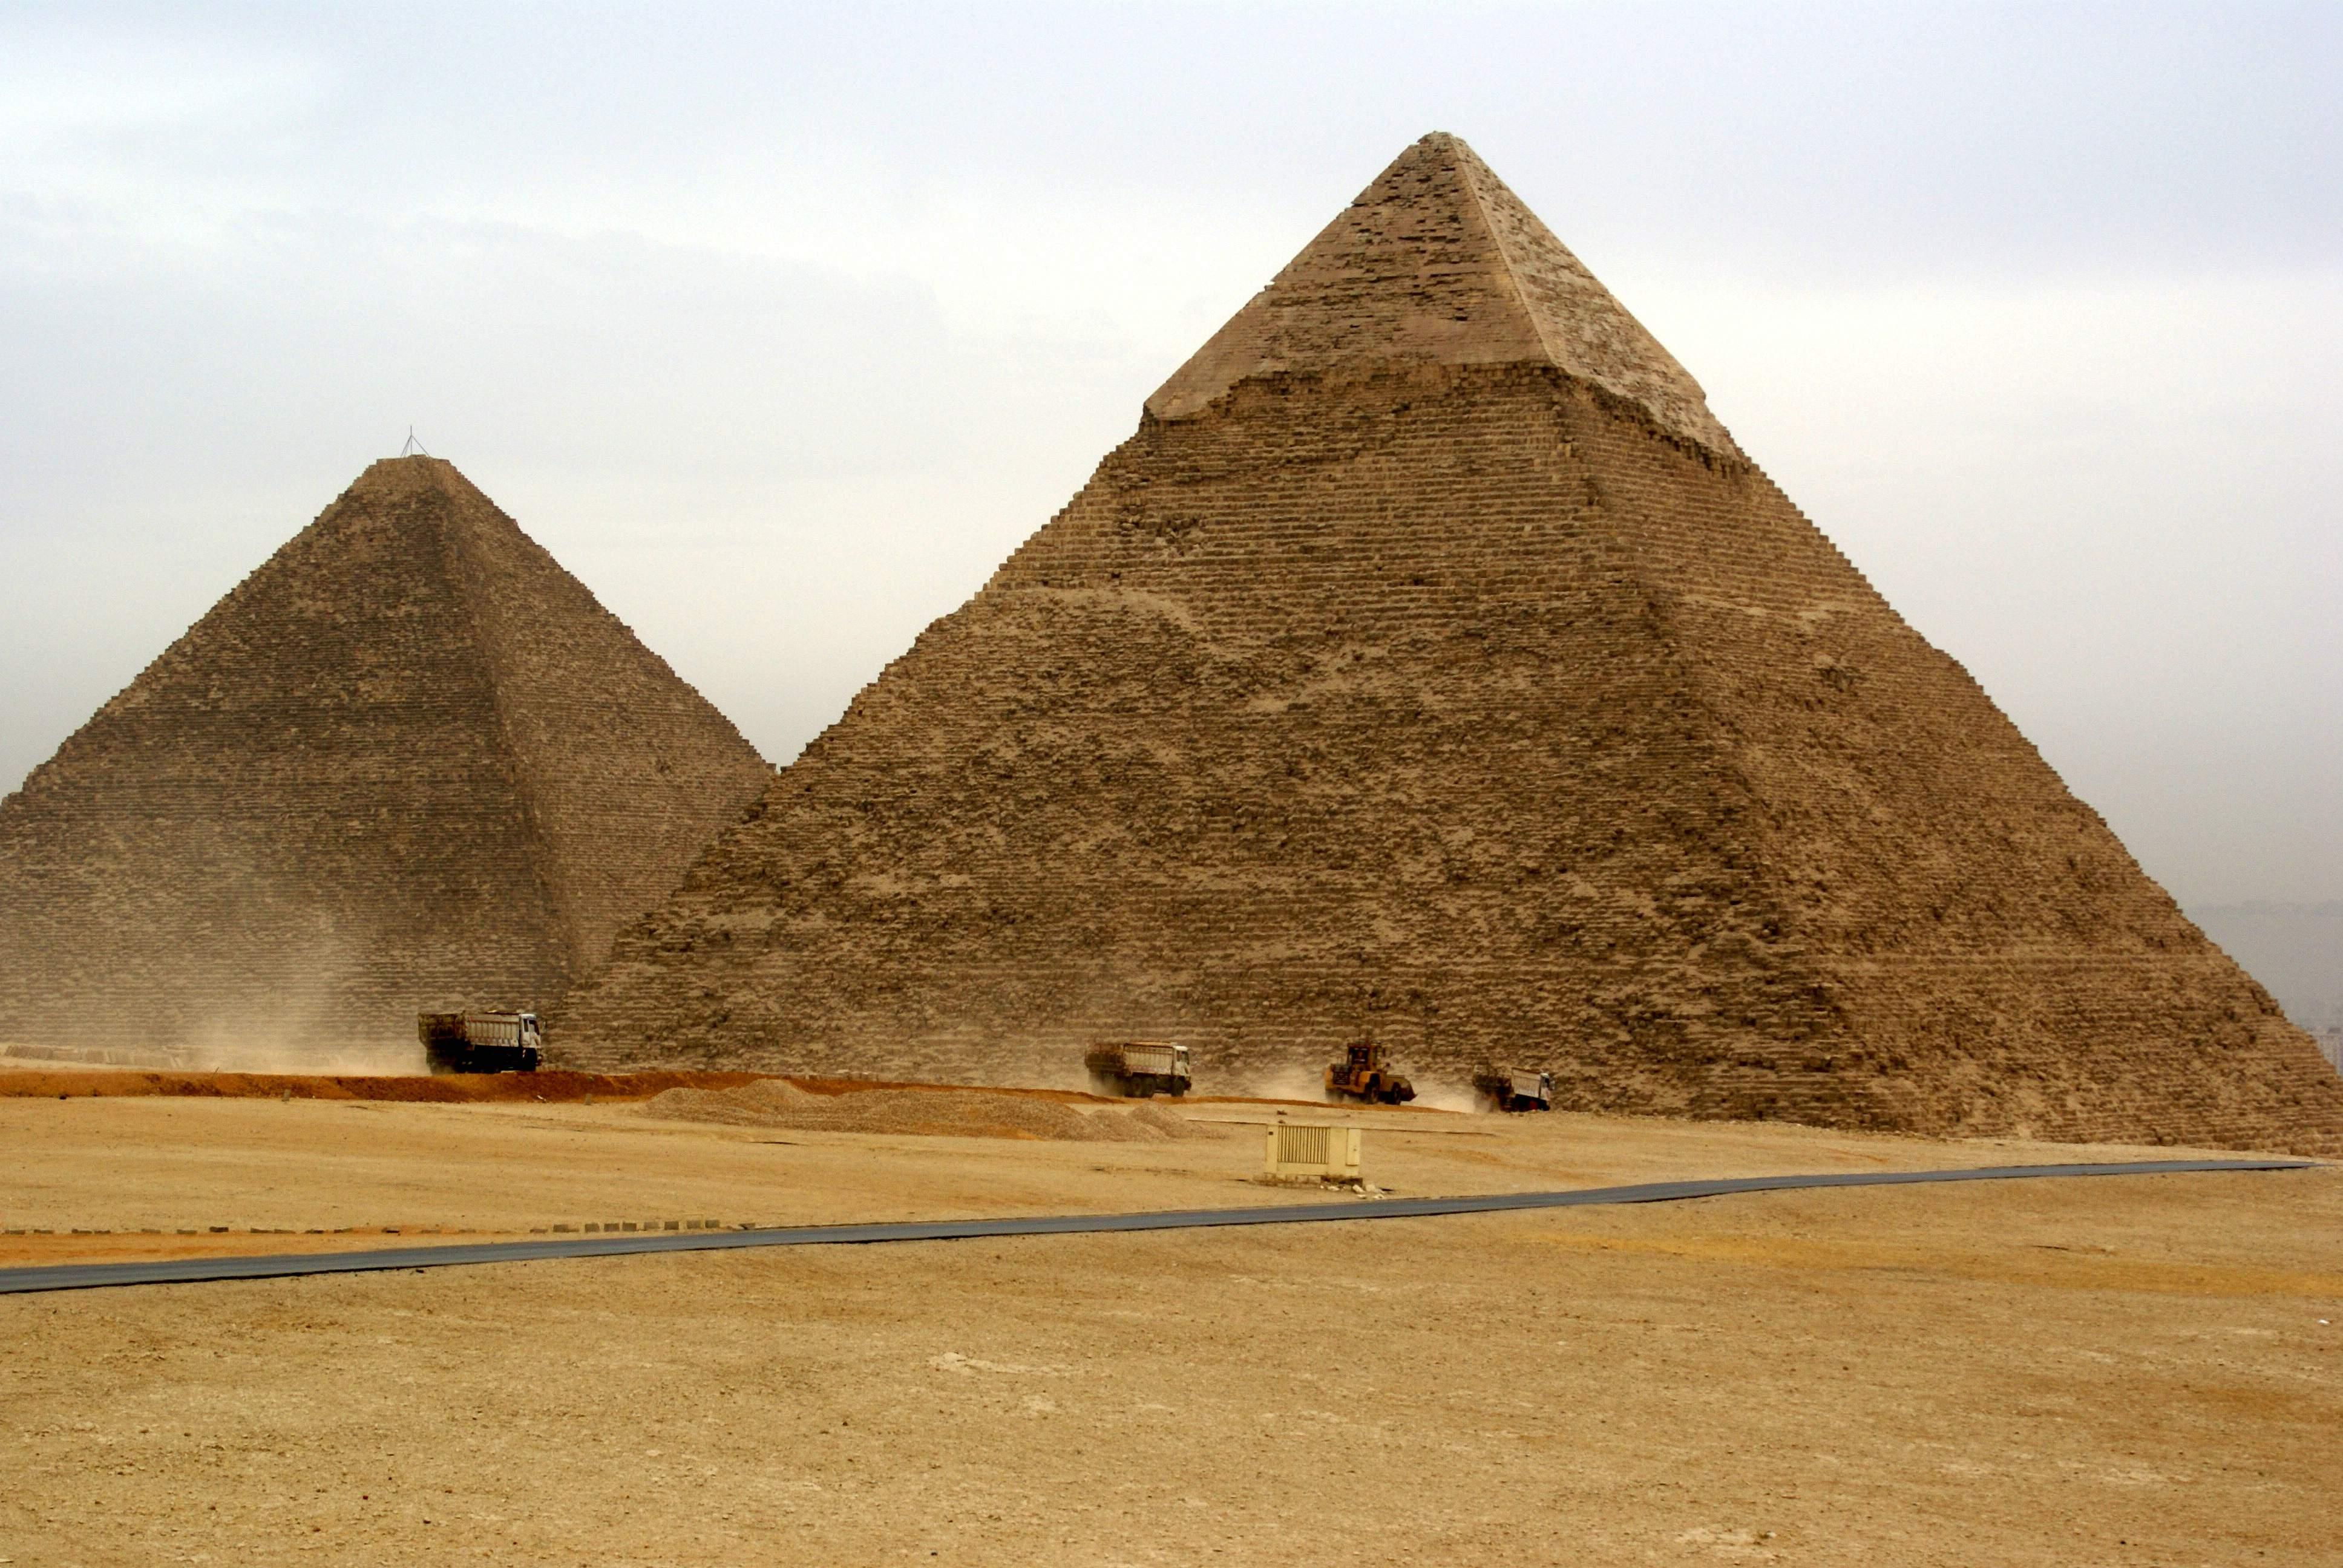 Bild von 2 von 3 Pyramiden